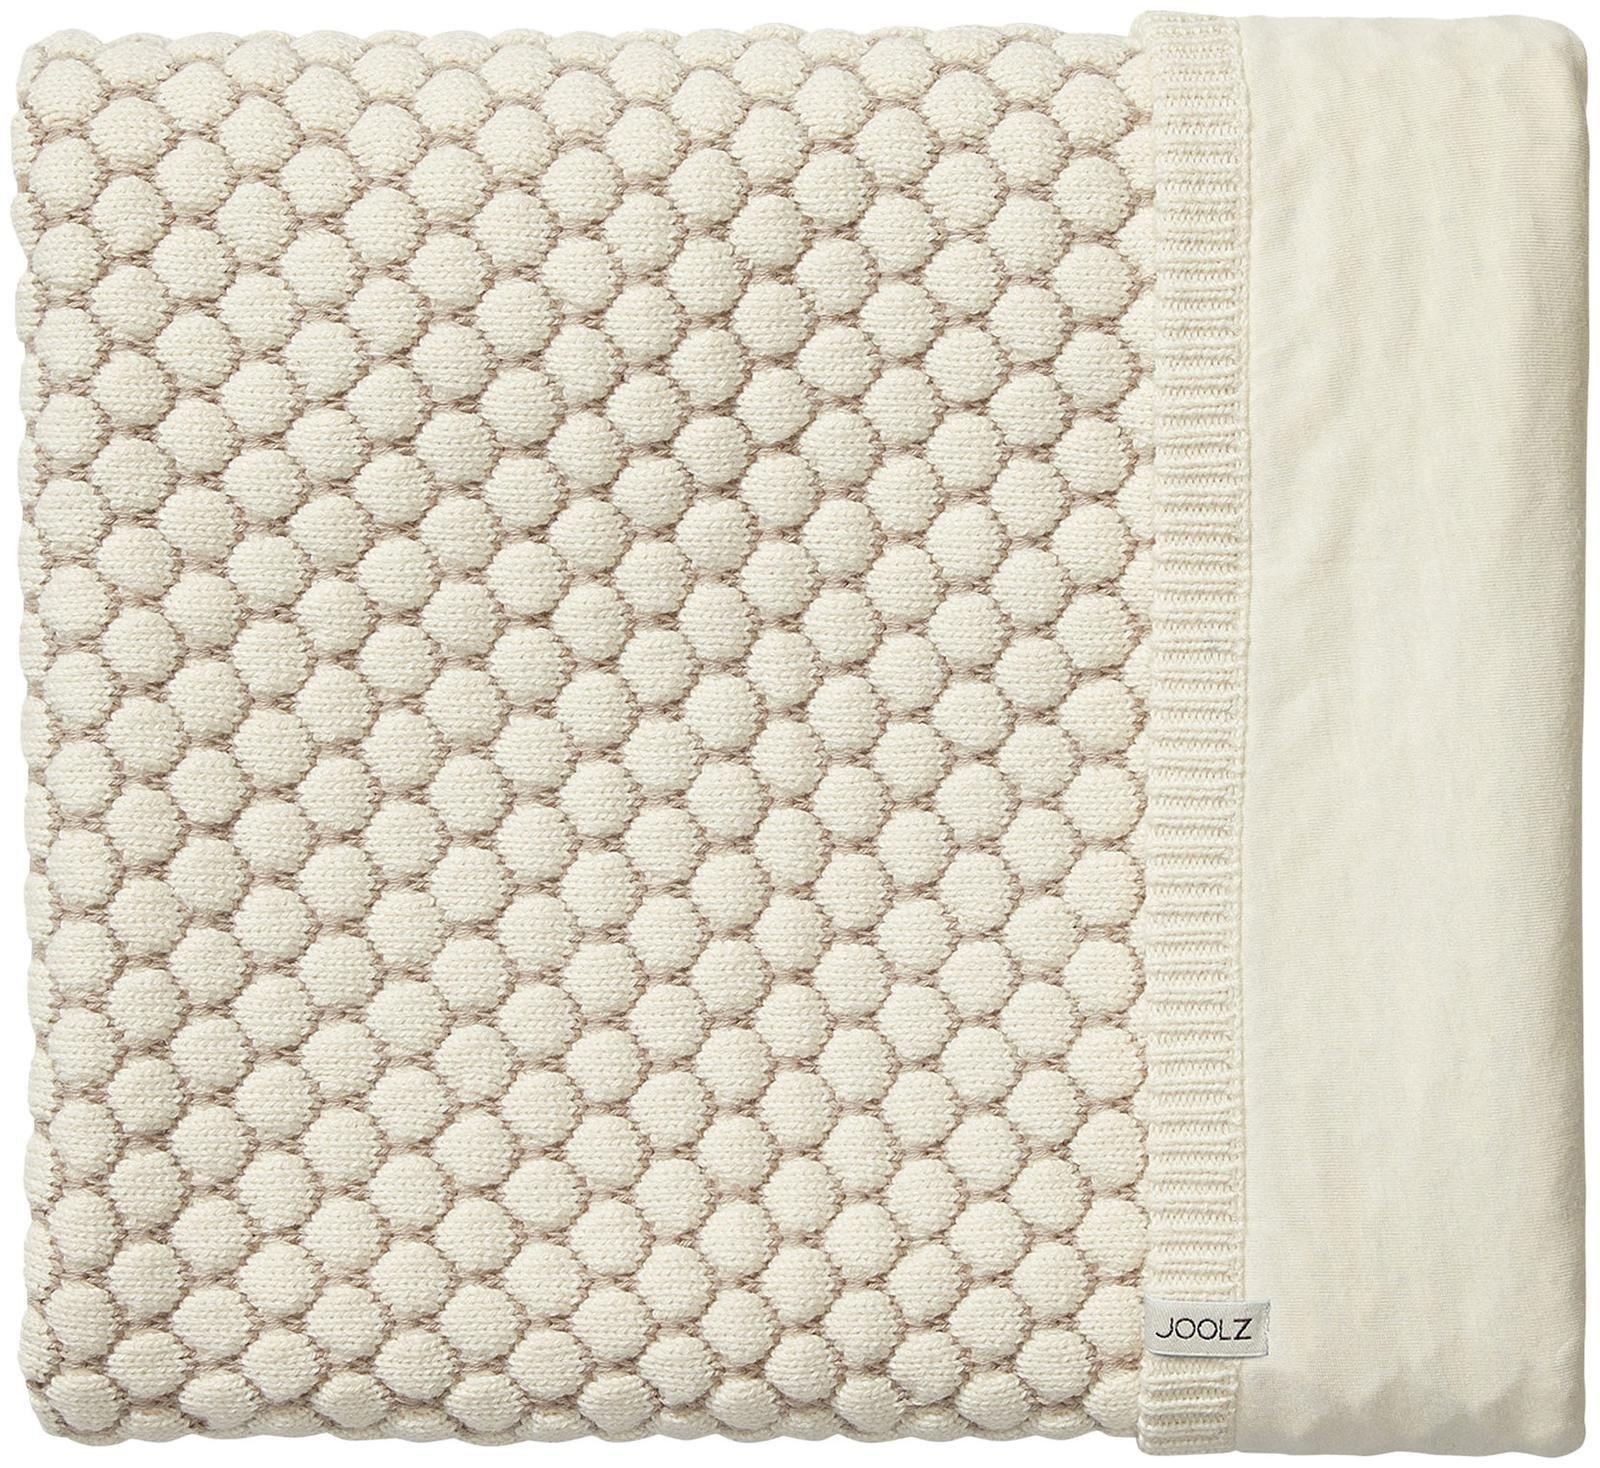 Joolz Essentials Blanket Off-white